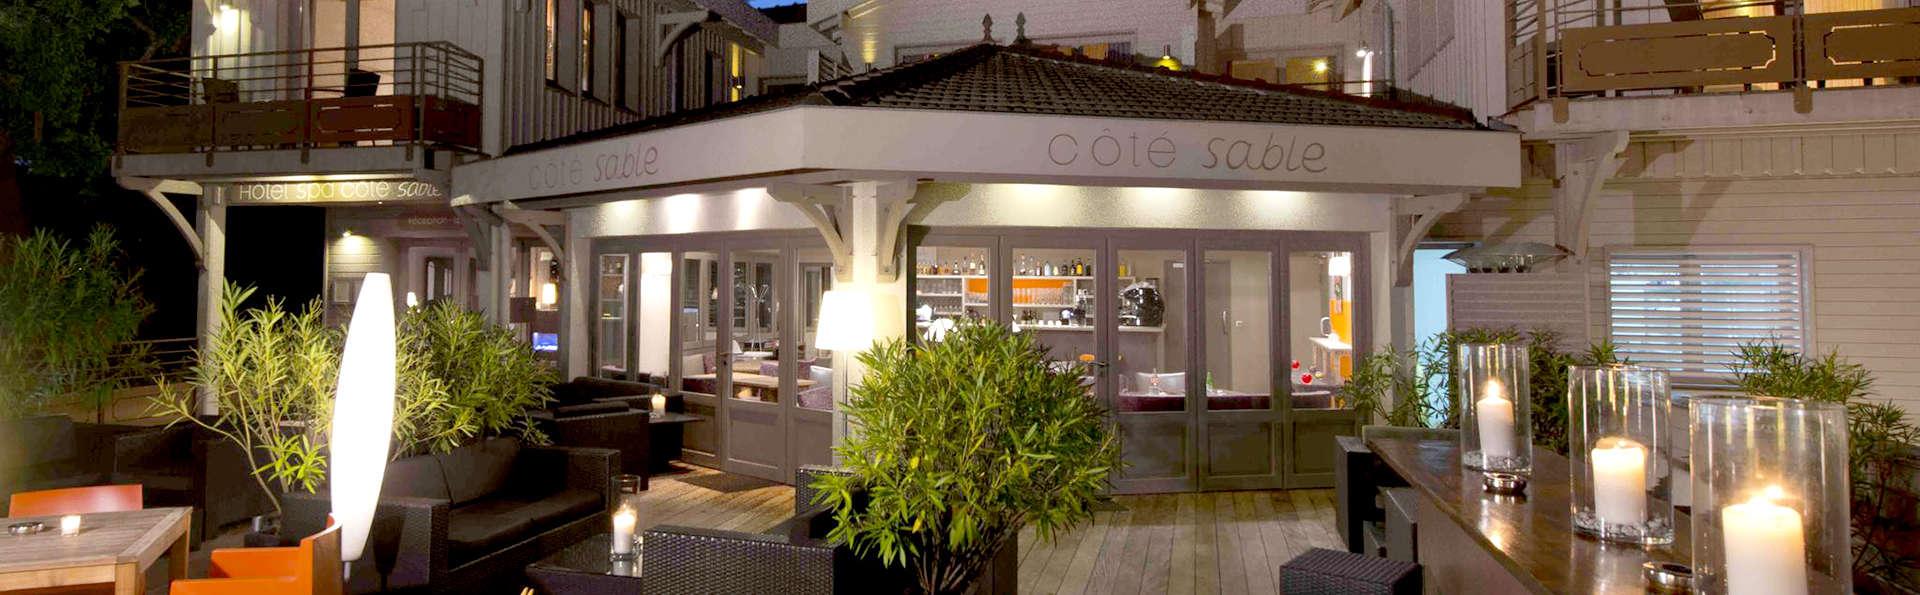 Hôtel Côté Sable - Edit_Front.jpg